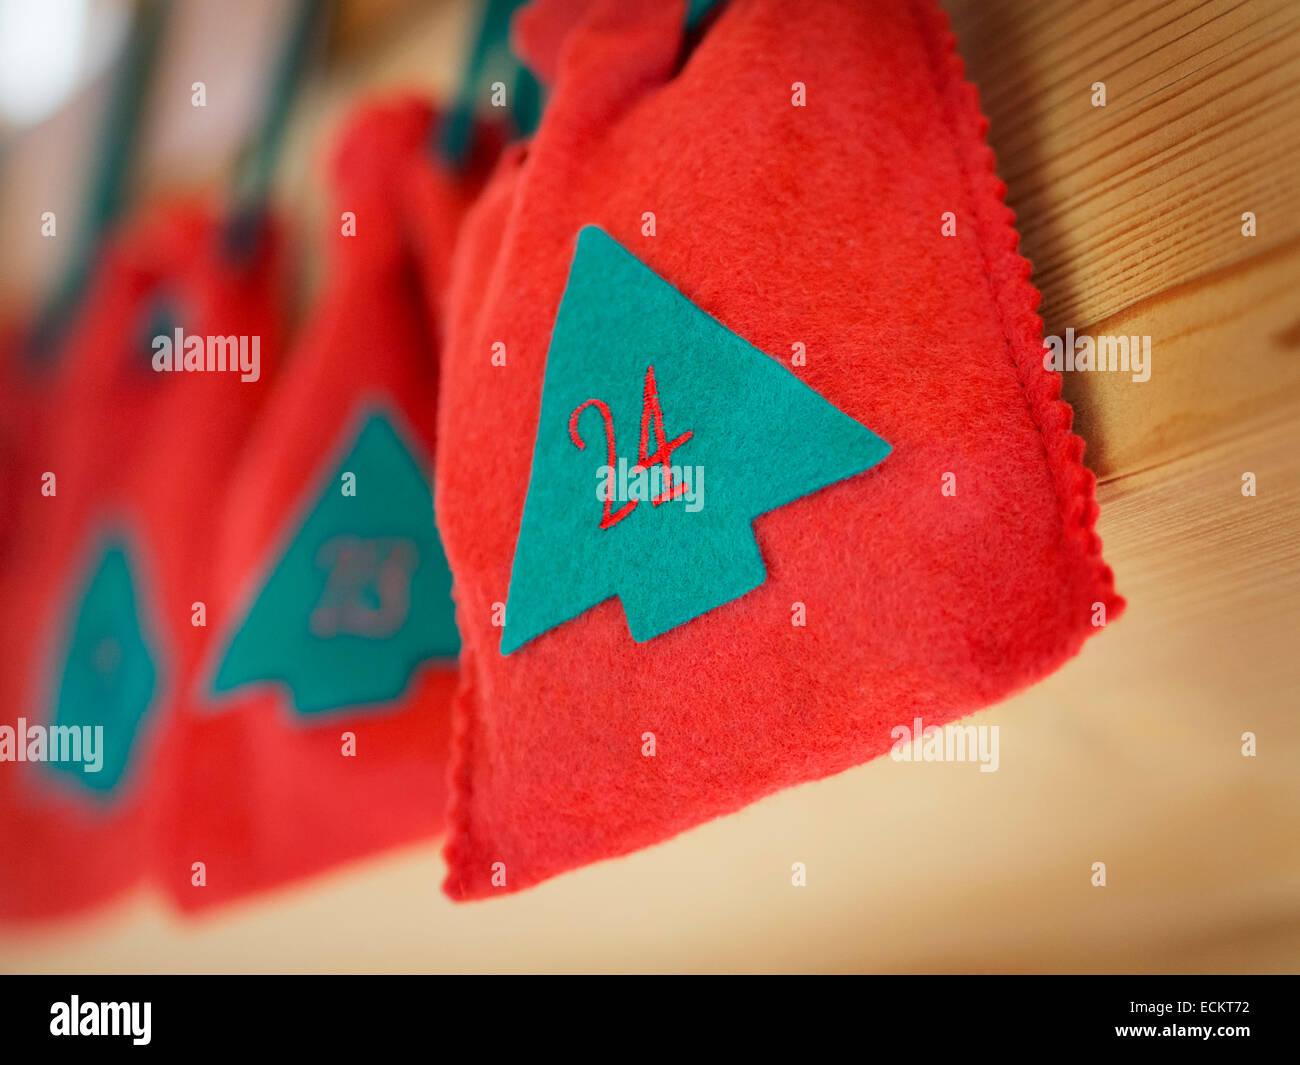 Imagen de un calendario de Adviento con el número 24 en la víspera de Navidad Imagen De Stock